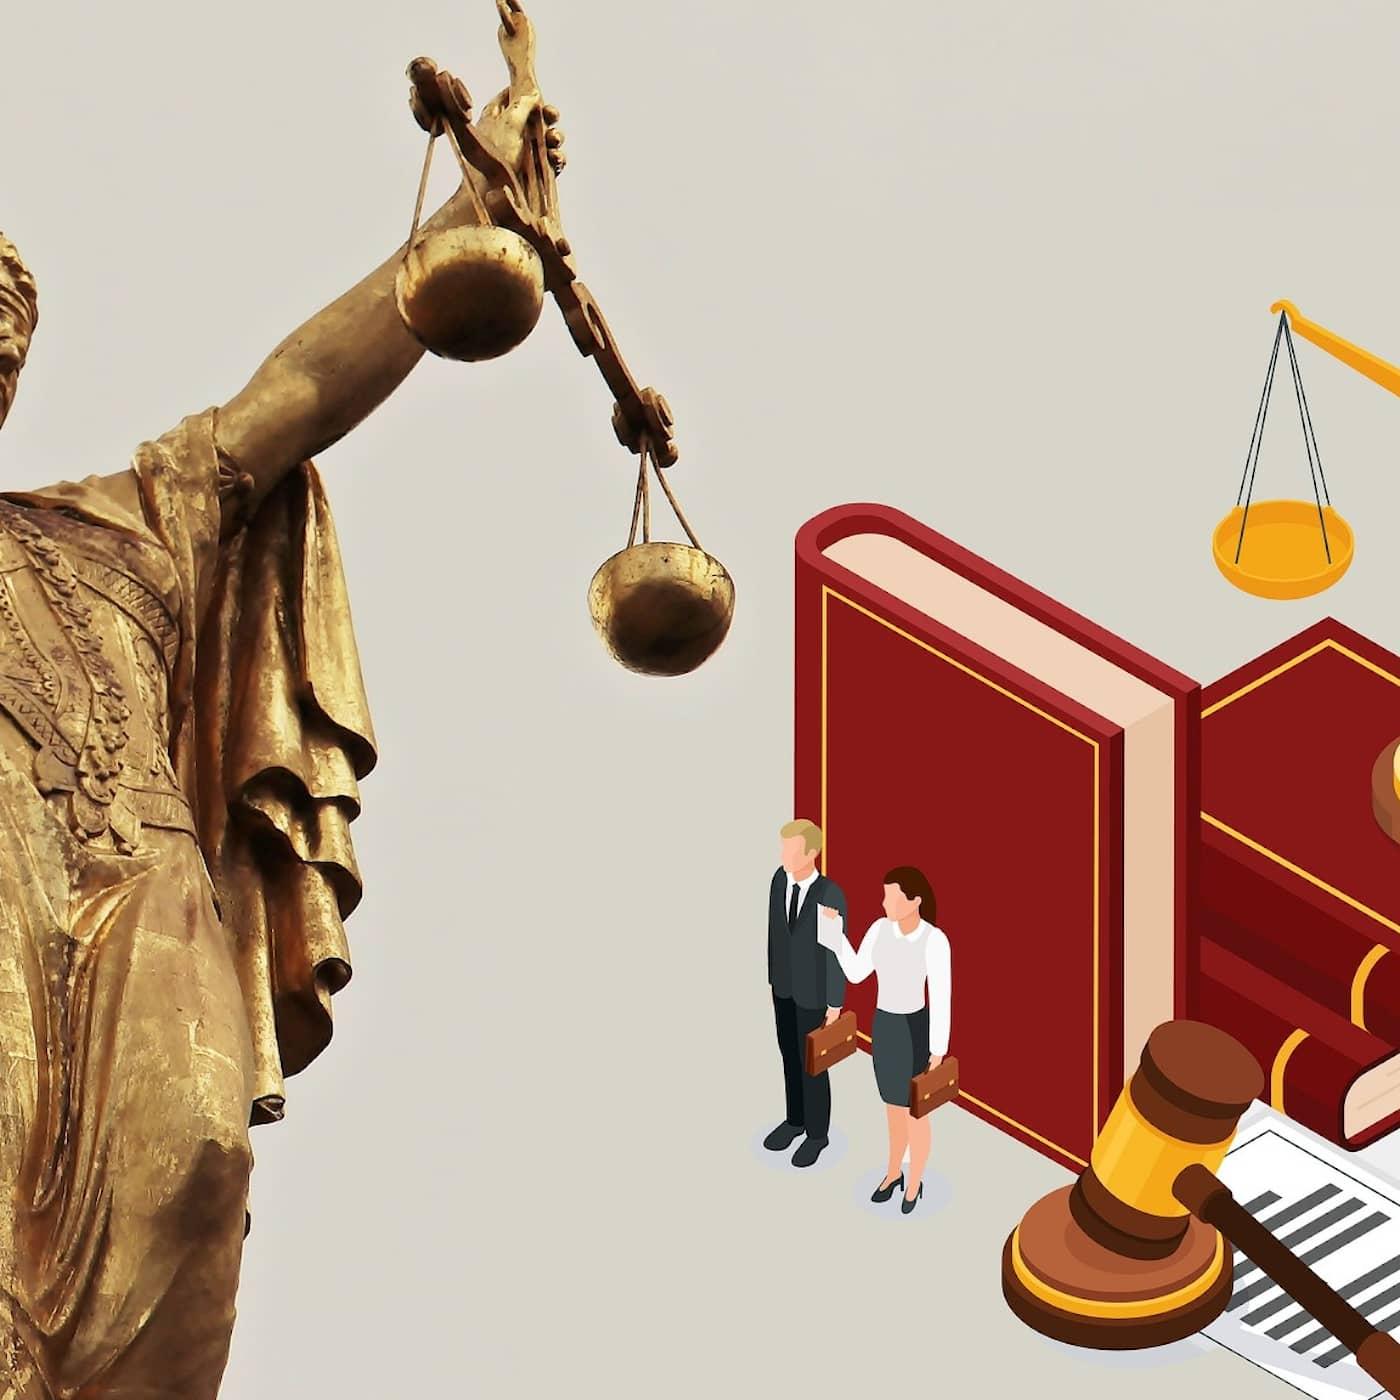 Språket i juridiken som avgör allt